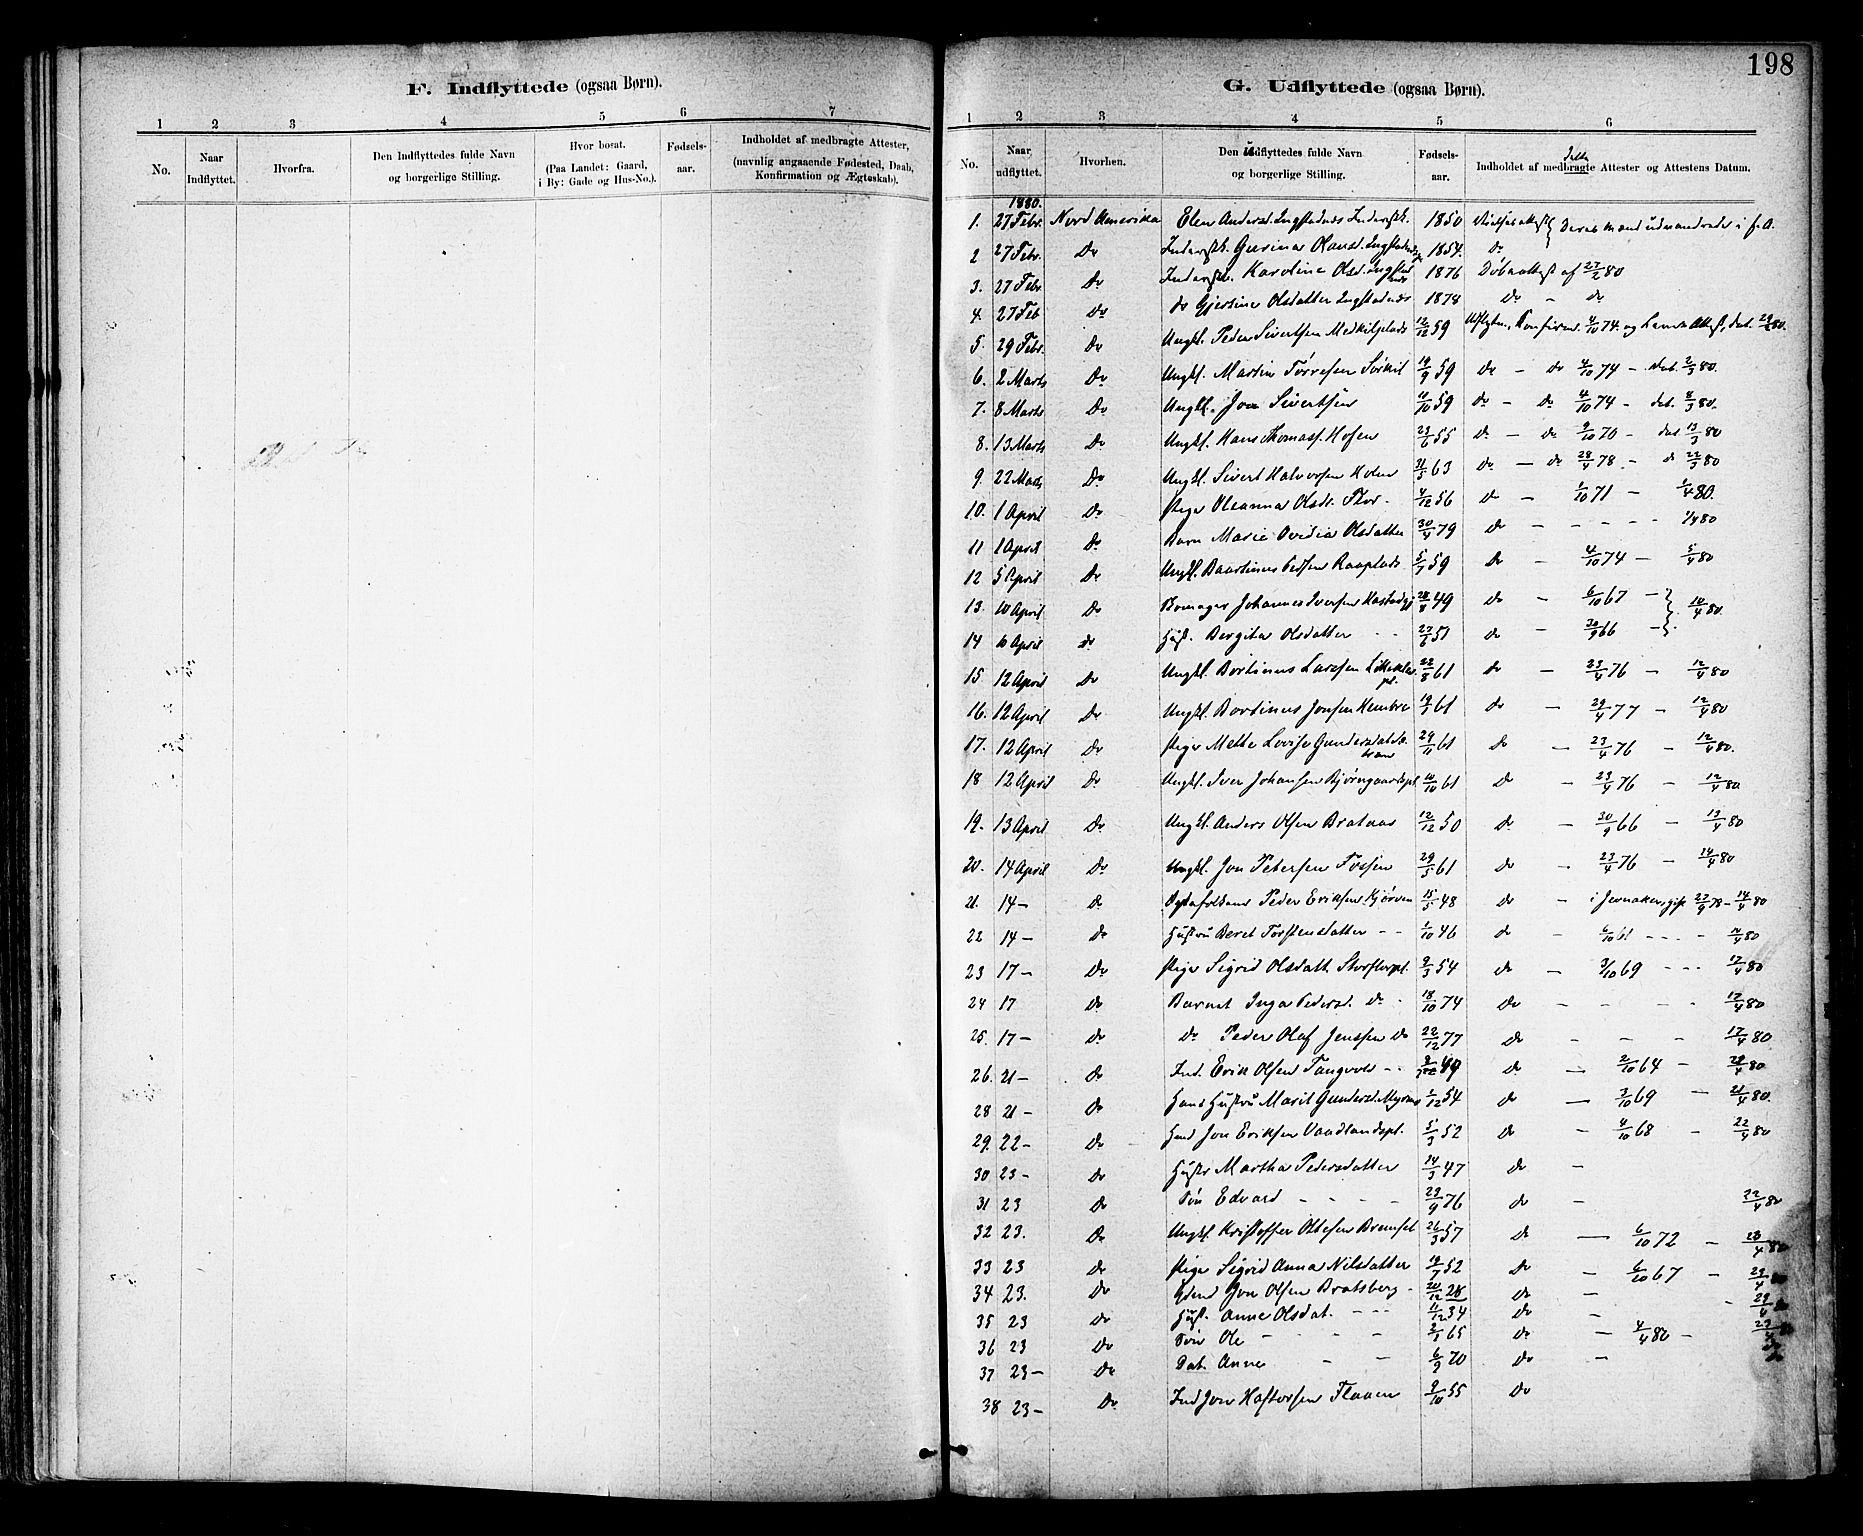 SAT, Ministerialprotokoller, klokkerbøker og fødselsregistre - Nord-Trøndelag, 703/L0030: Ministerialbok nr. 703A03, 1880-1892, s. 198